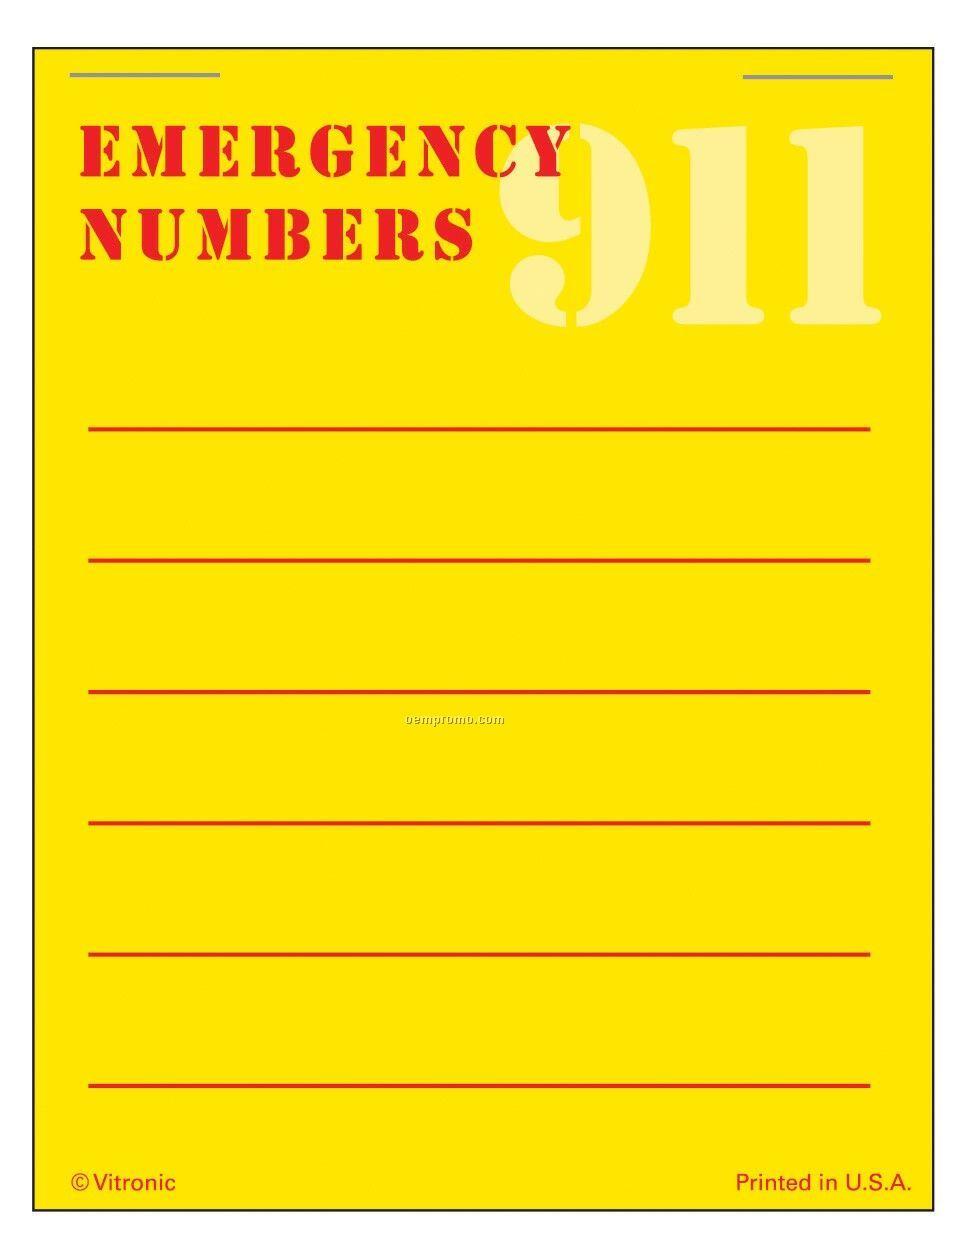 Super Size Emergency Number List Press-n-stick Calendar Pad (After 8/1/11)